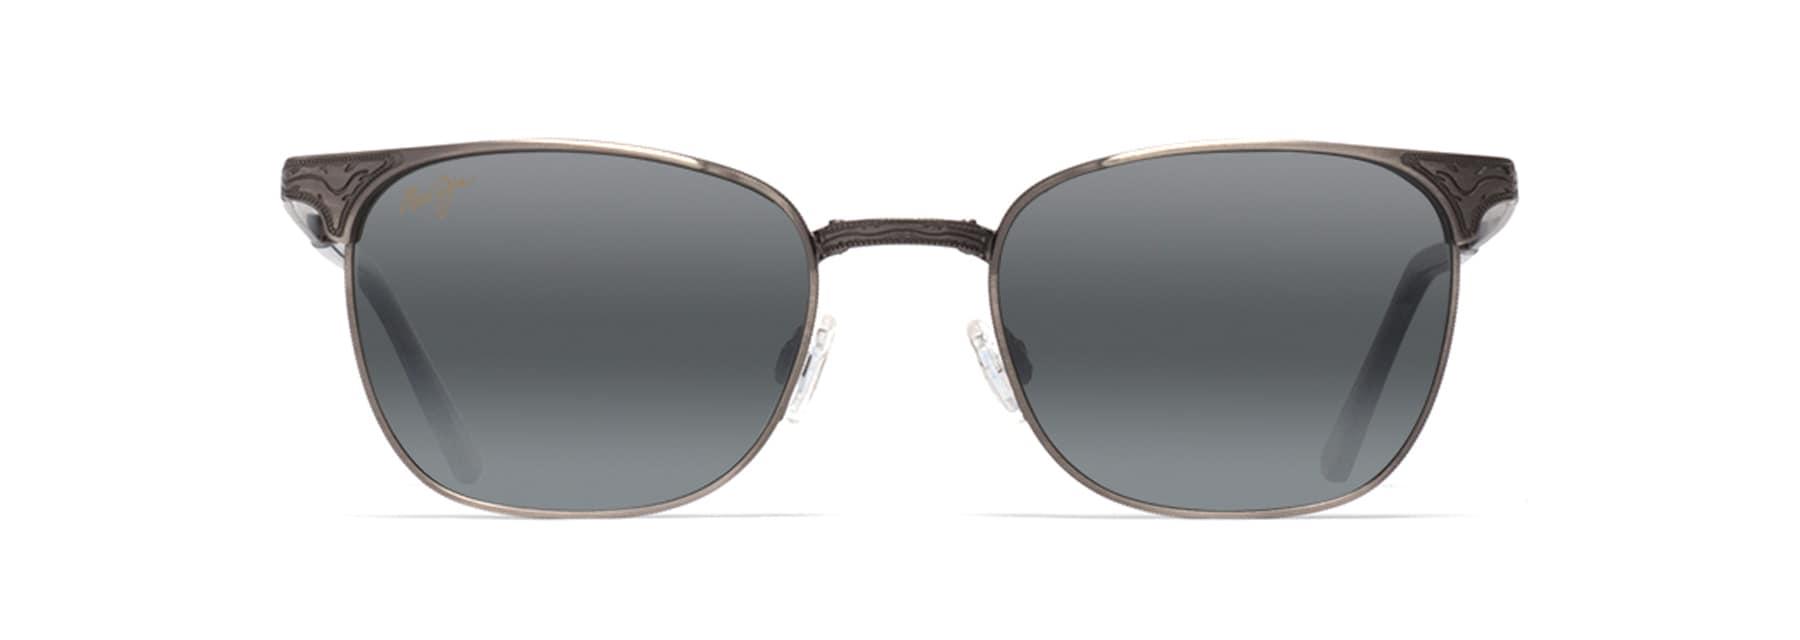 6b846aa1a3 Polarised Sunglasses Maui Stillwater Stillwater Maui Sunglasses Stillwater  Jim® Jim® Polarised qaxx6BF4Rw